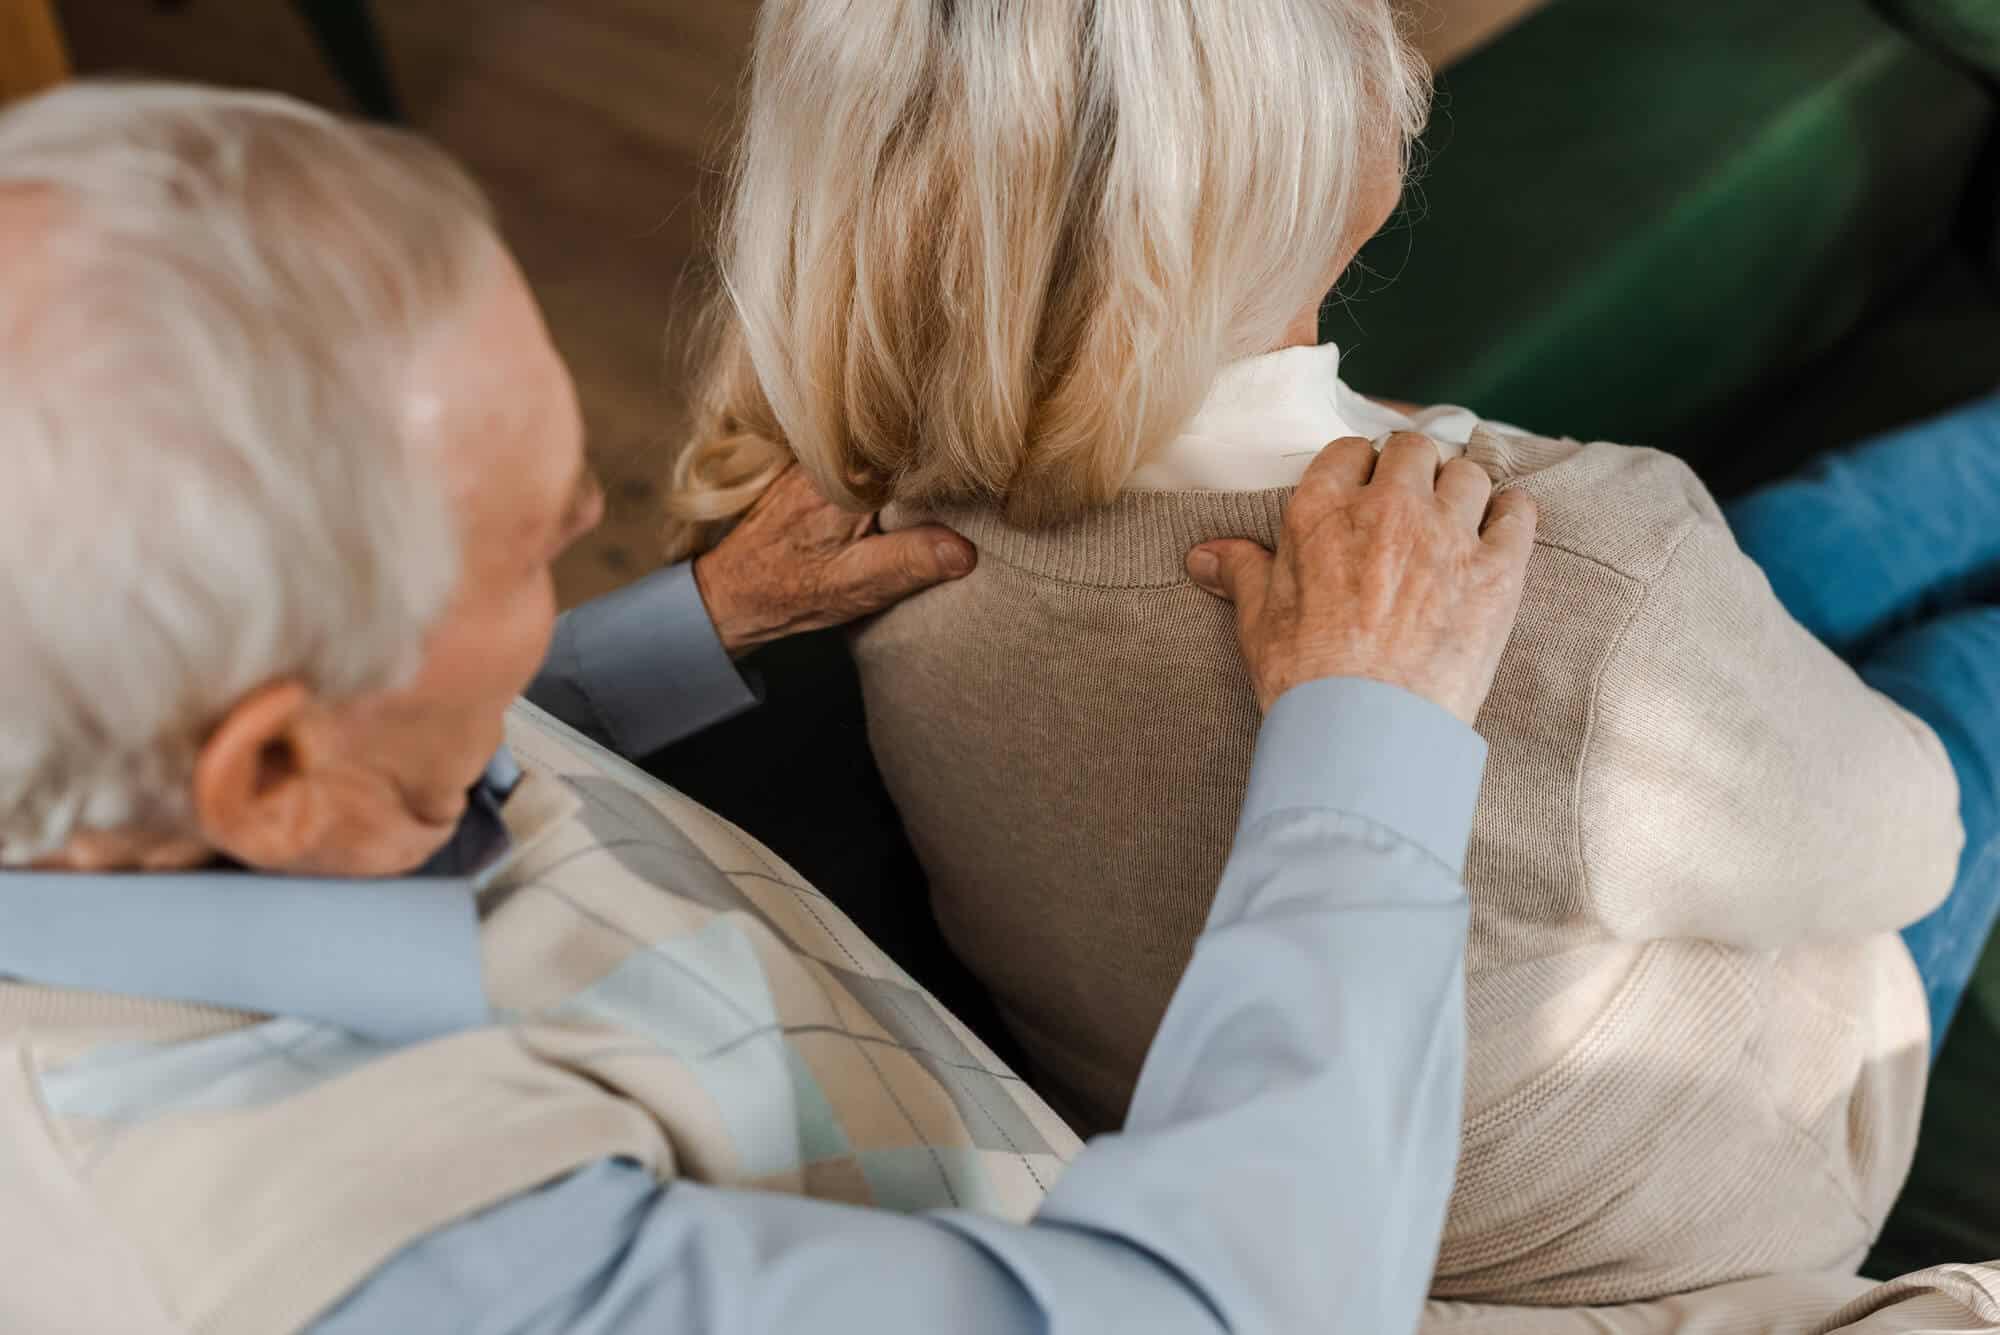 older man giving an older woman a shoulder massage at home